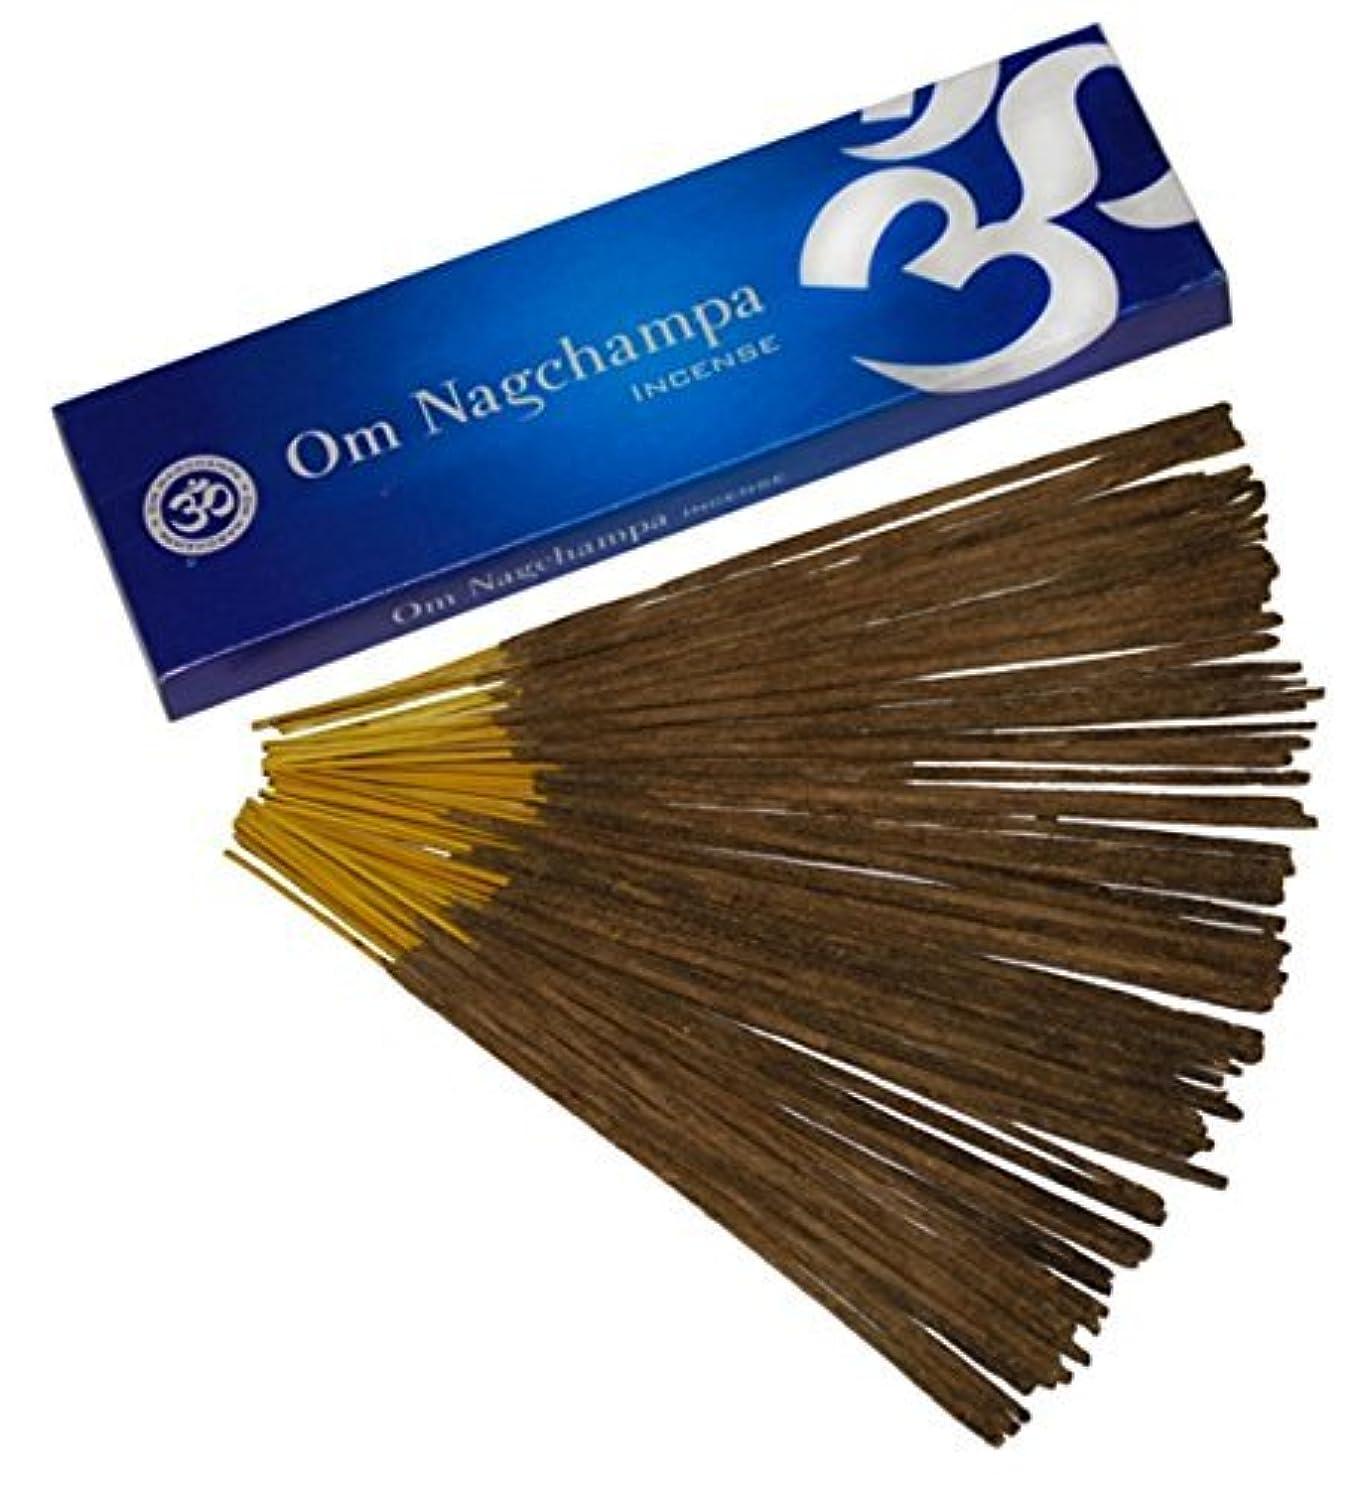 精巧な口径情熱Om Nagchampa Nag ChampaプレミアムIncense Fragrance 15 g 40 g 100 g 100g ブラウン B00MV3LZ9E